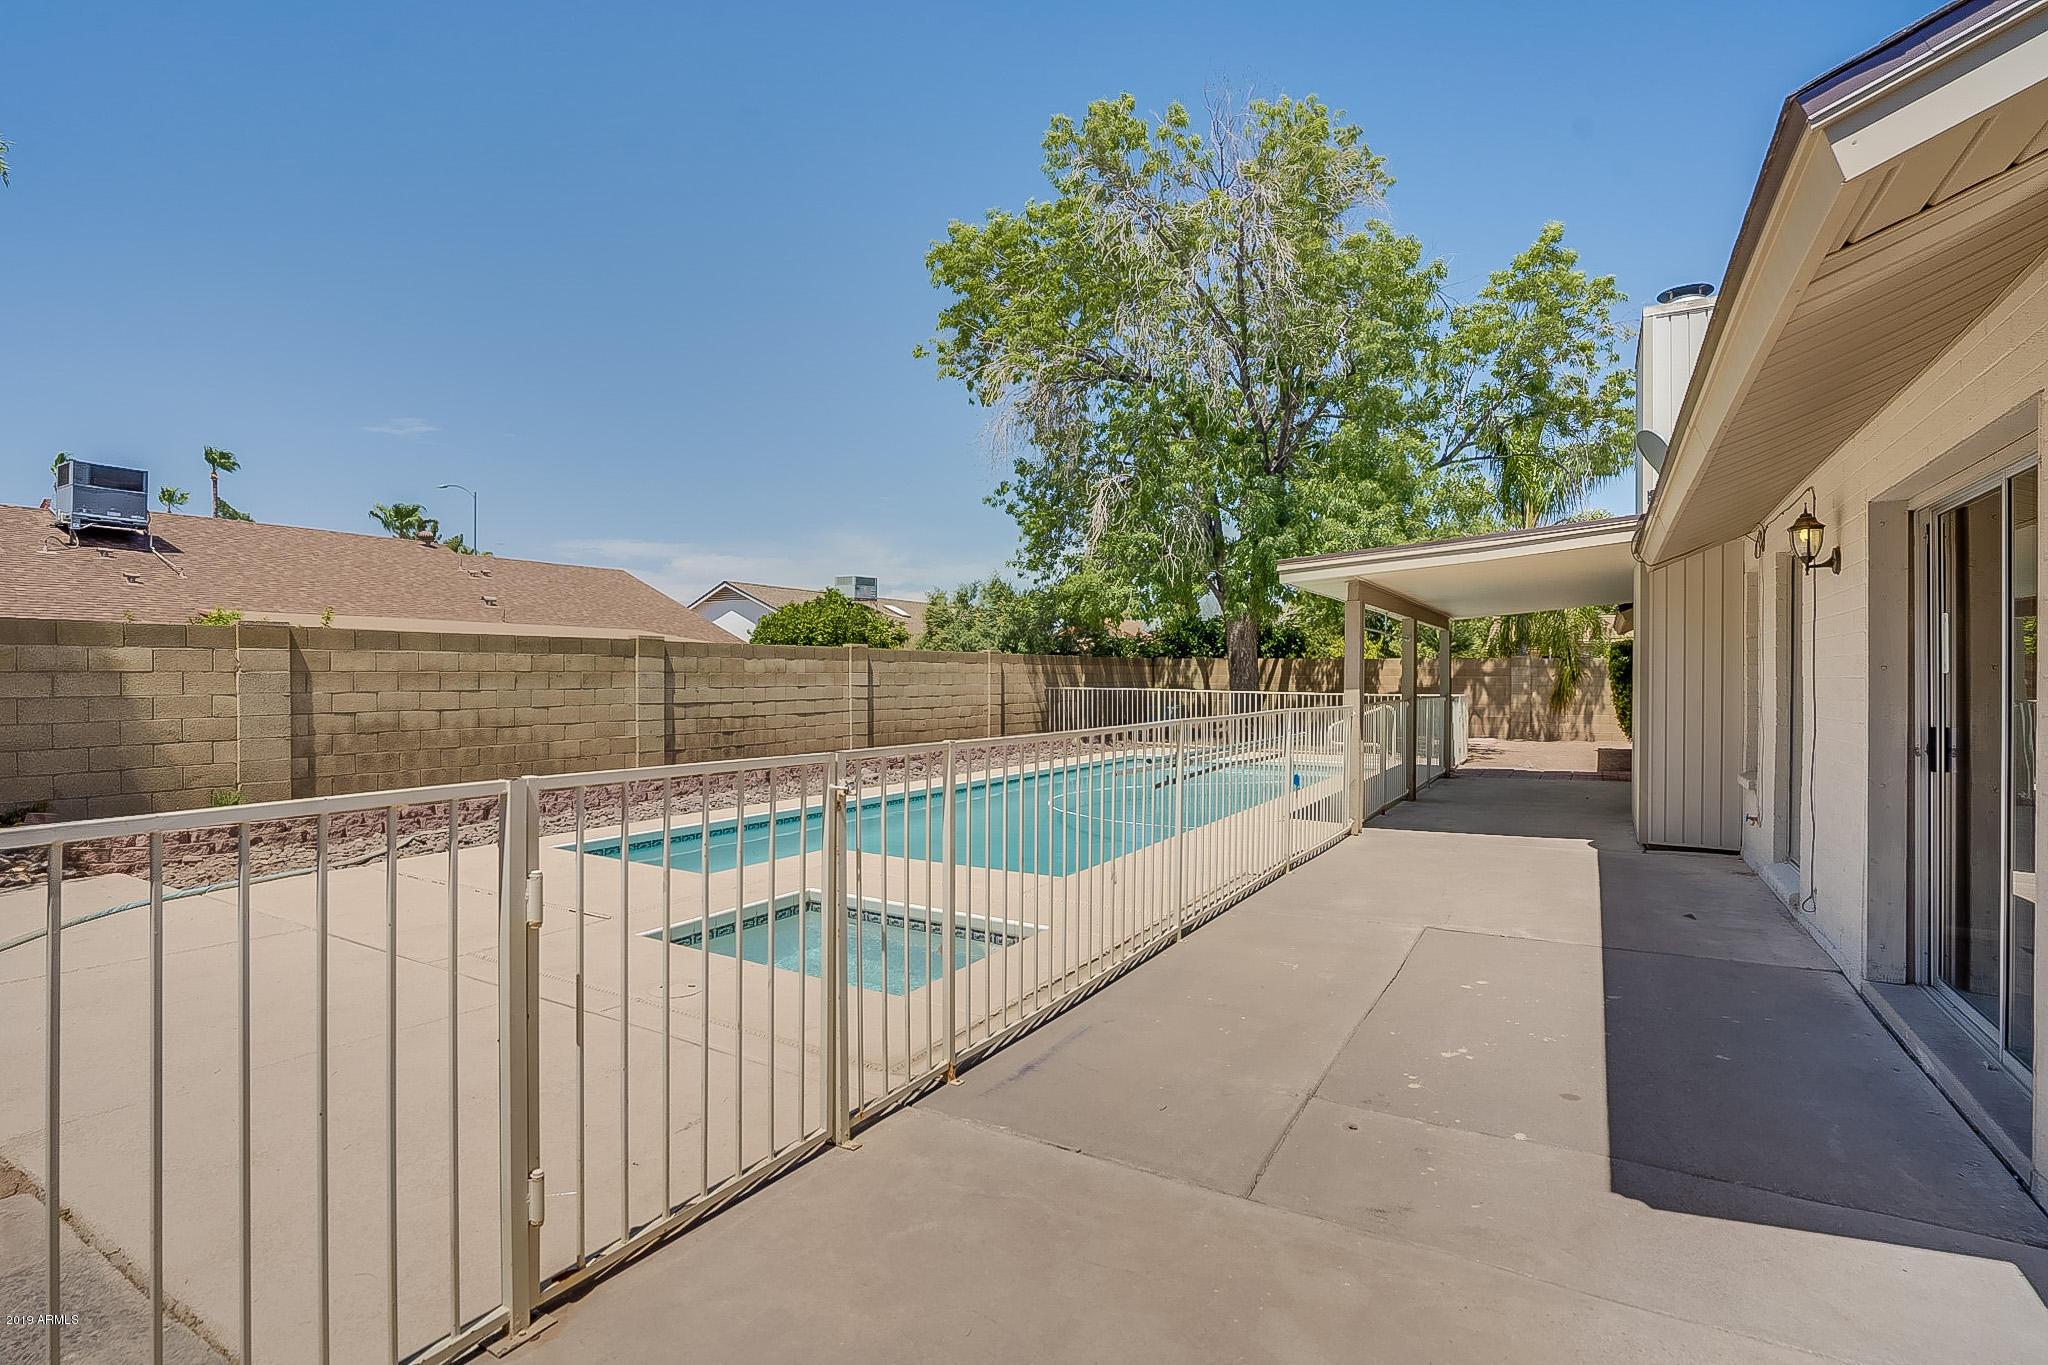 MLS 5951446 960 W NATAL Avenue, Mesa, AZ 85210 West Mesa